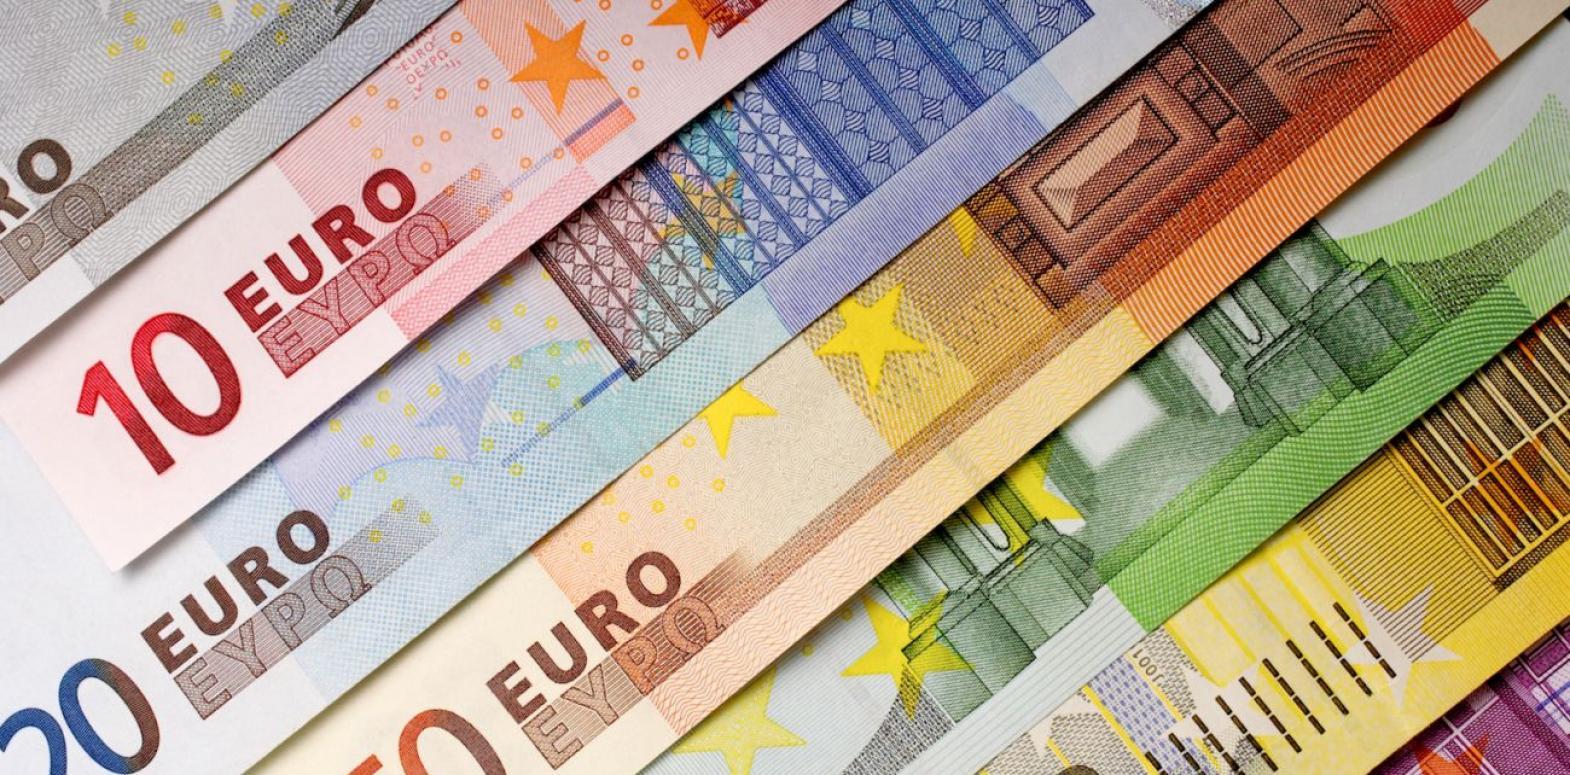 Евро уверенно растет: НБУ установил официальный курс на 20 октября